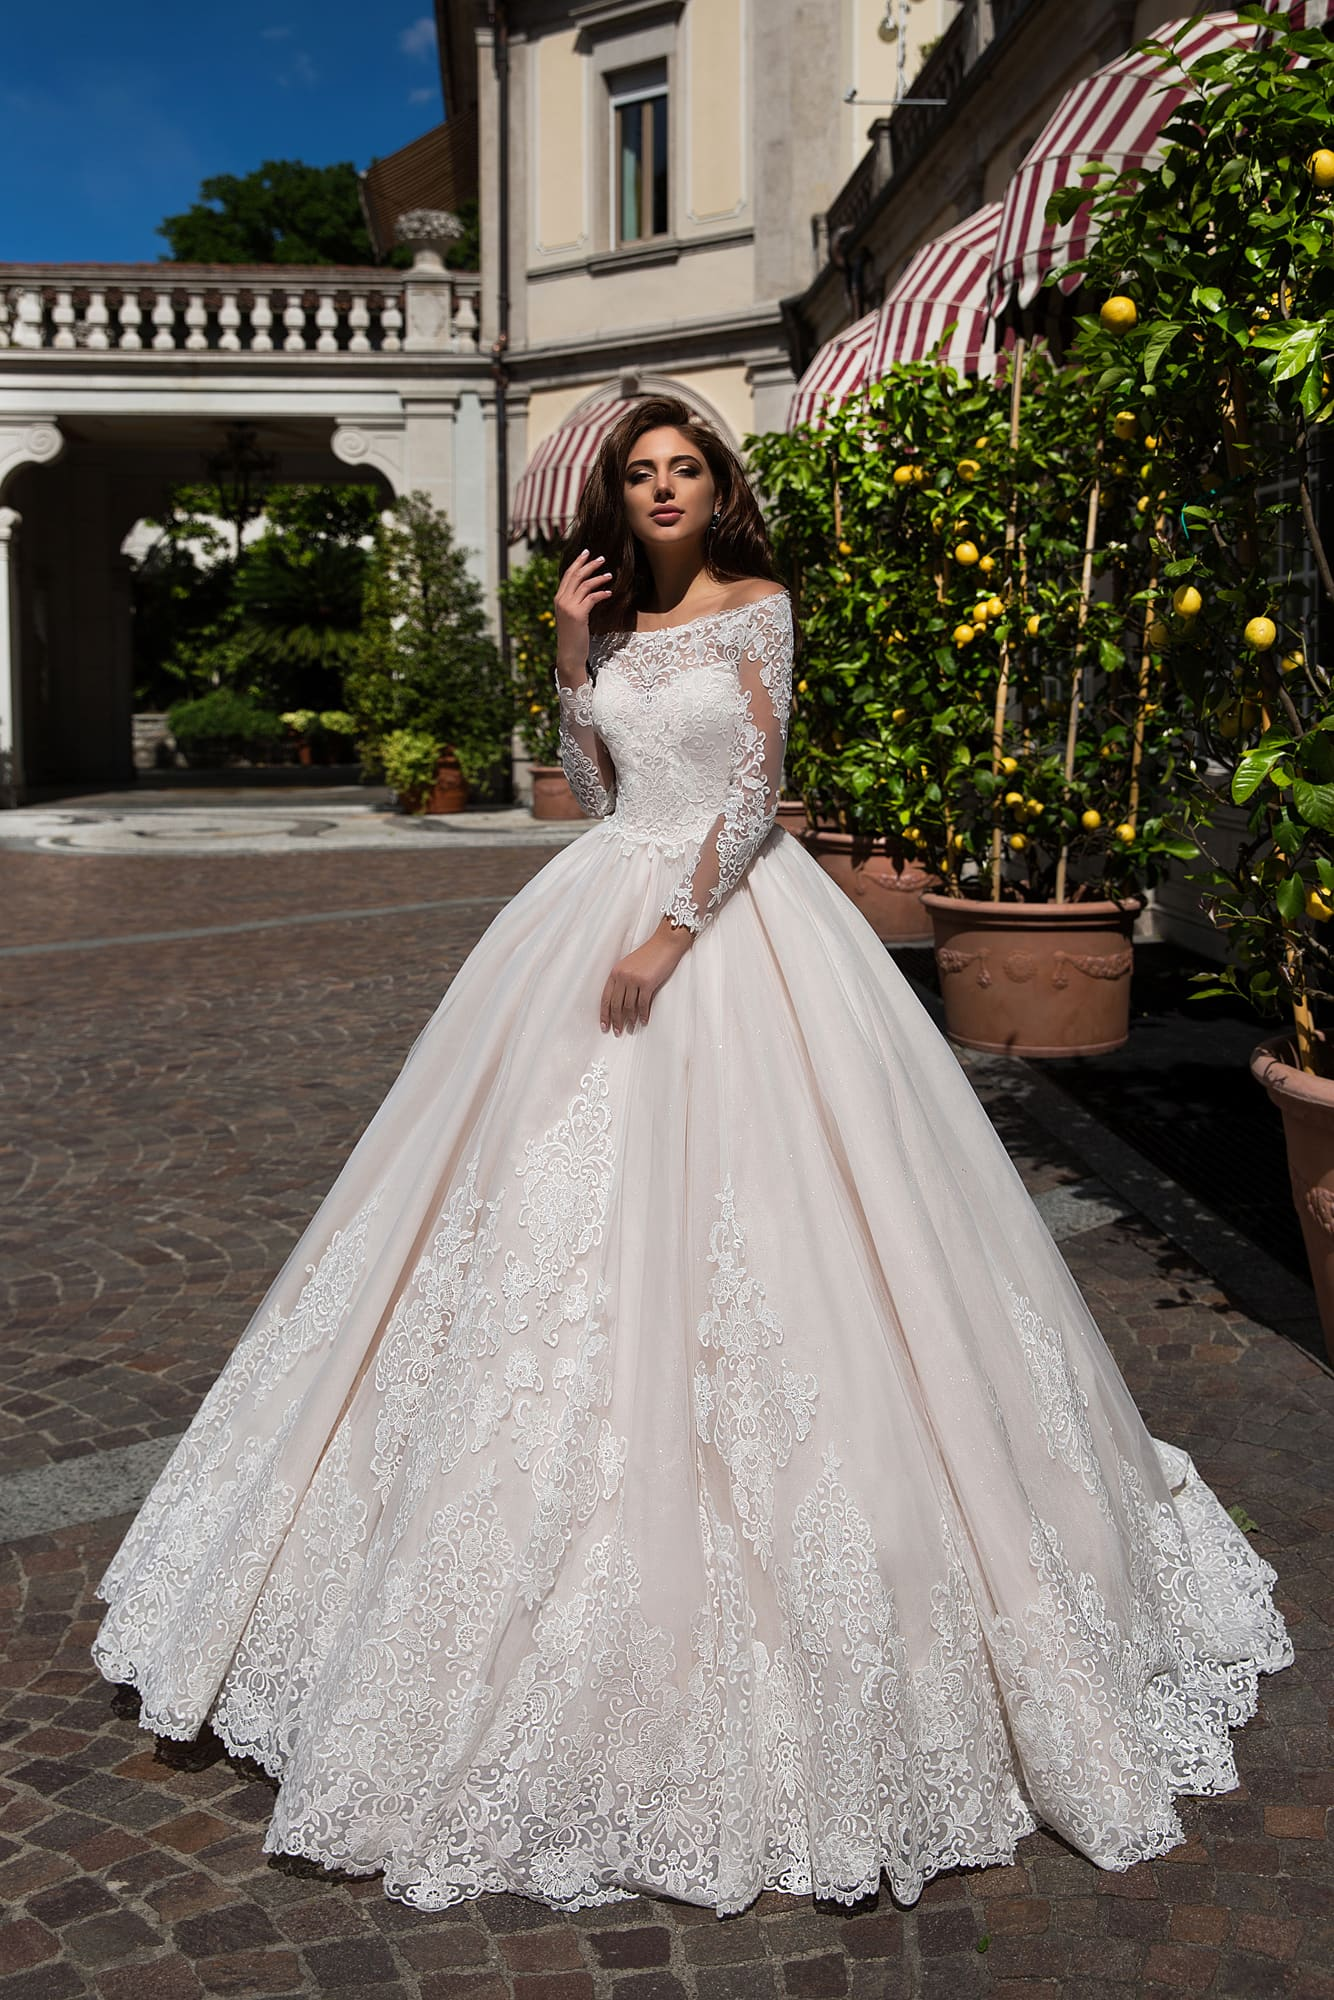 7d660ee41b5 Пышное свадебное платье с эффектным портретным вырезом и рукавами из  кружевной ткани.